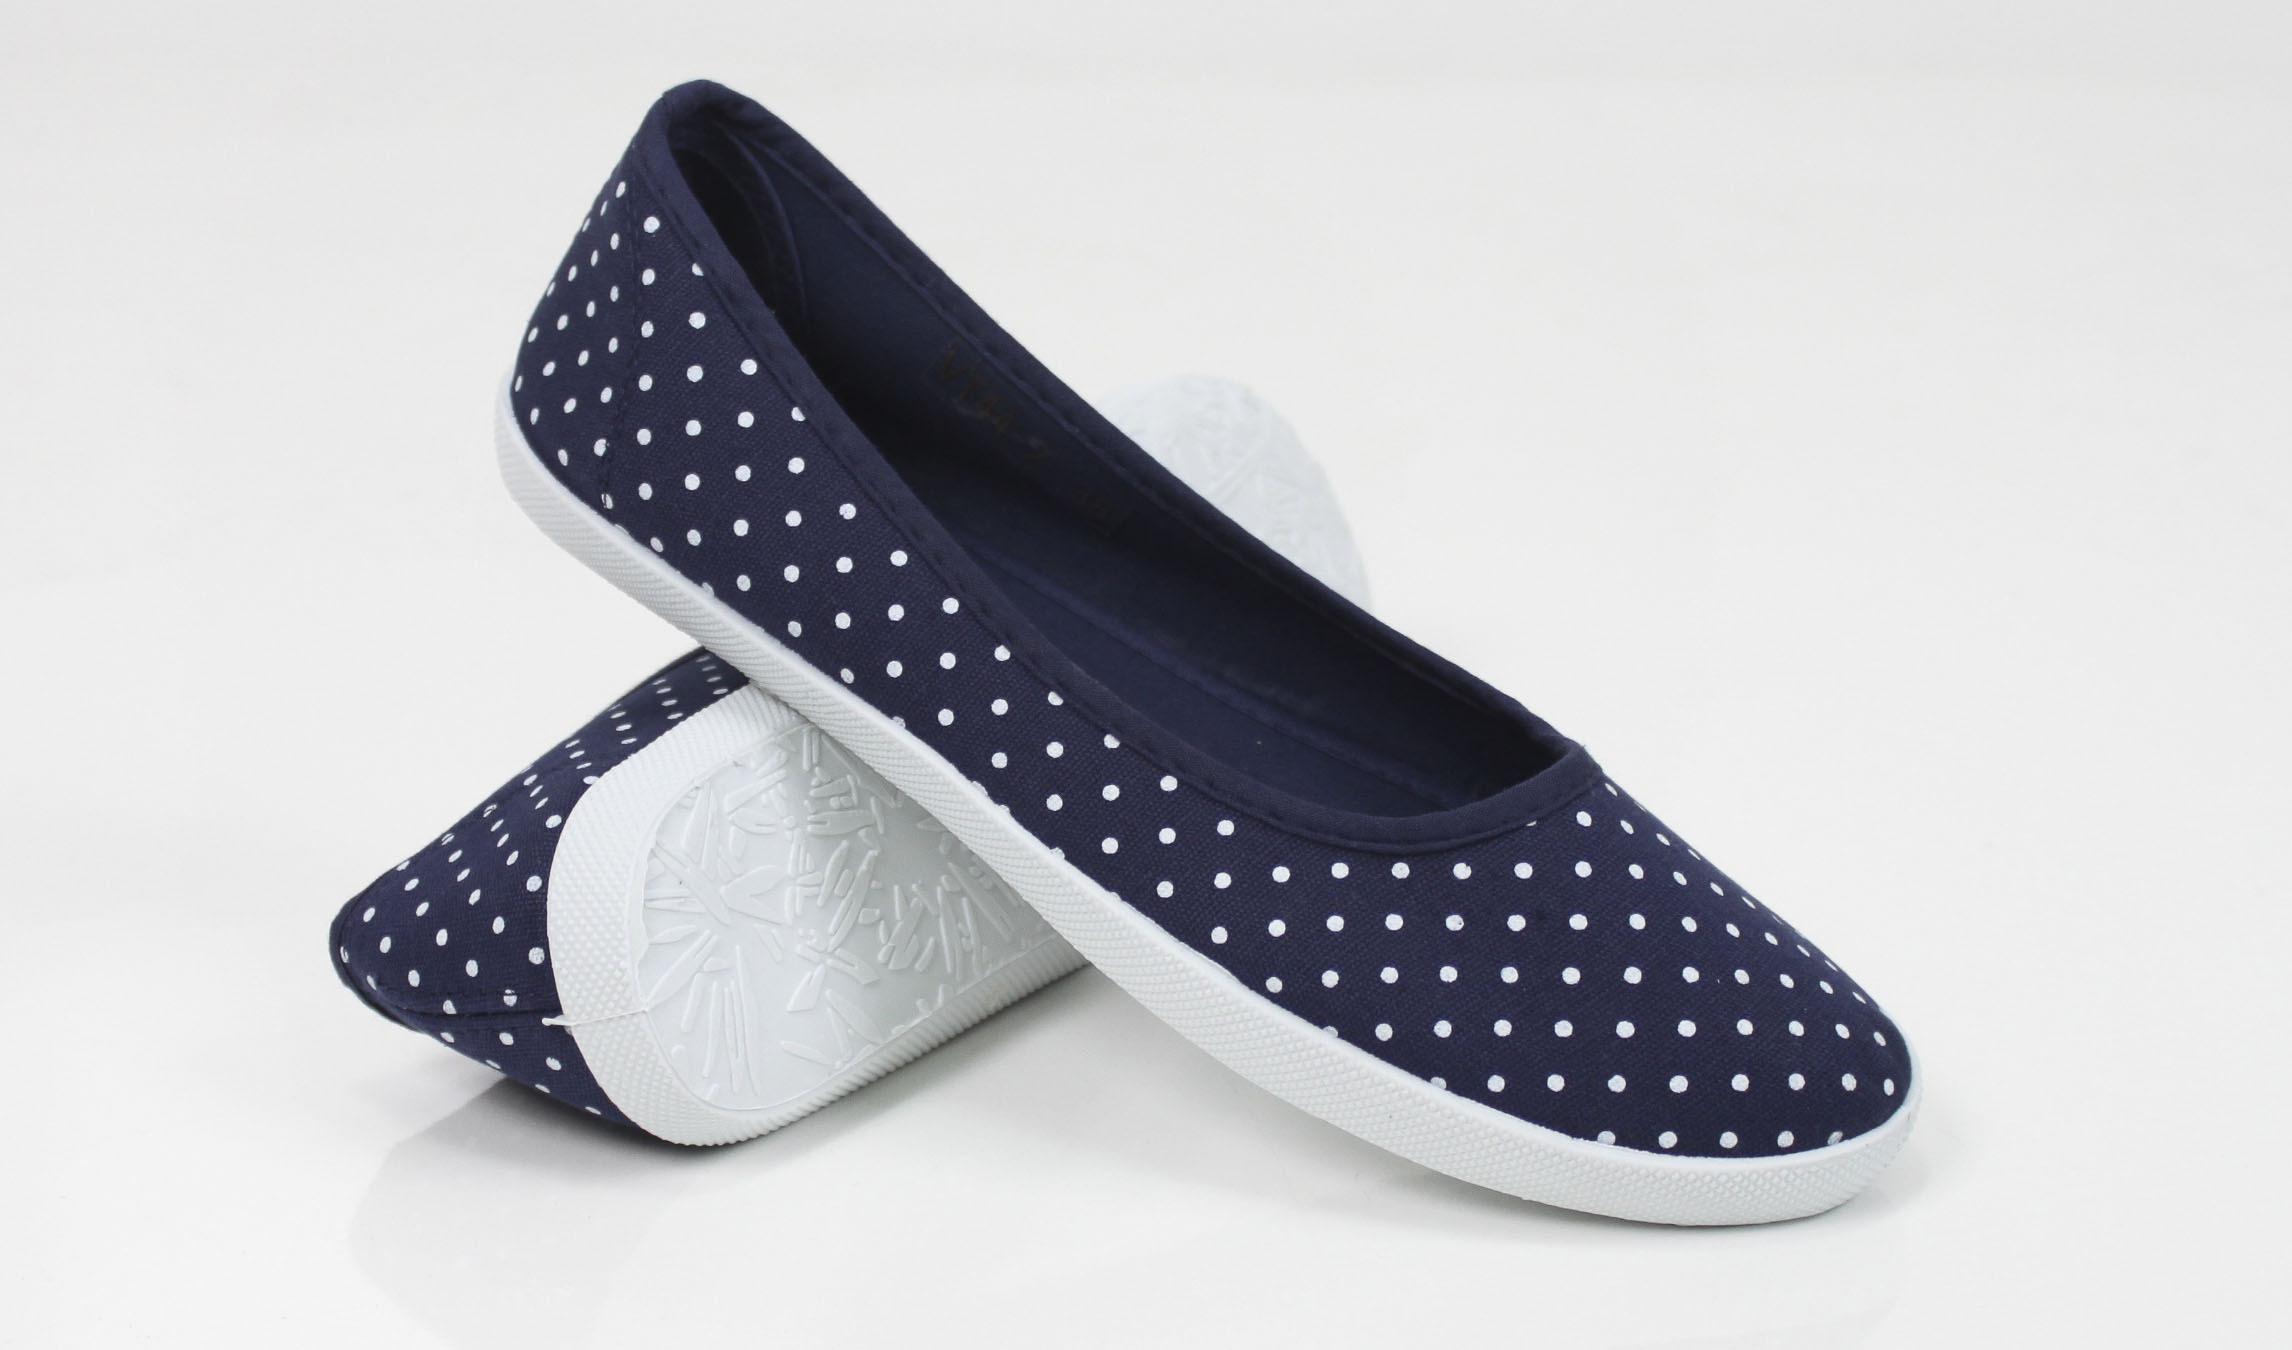 Wygodne obuwie damskie z najnowszej kolekcji. Buty damskie Venezia to gwarancja najwyższej jakości. Zapraszamy – atrociouslf.gq